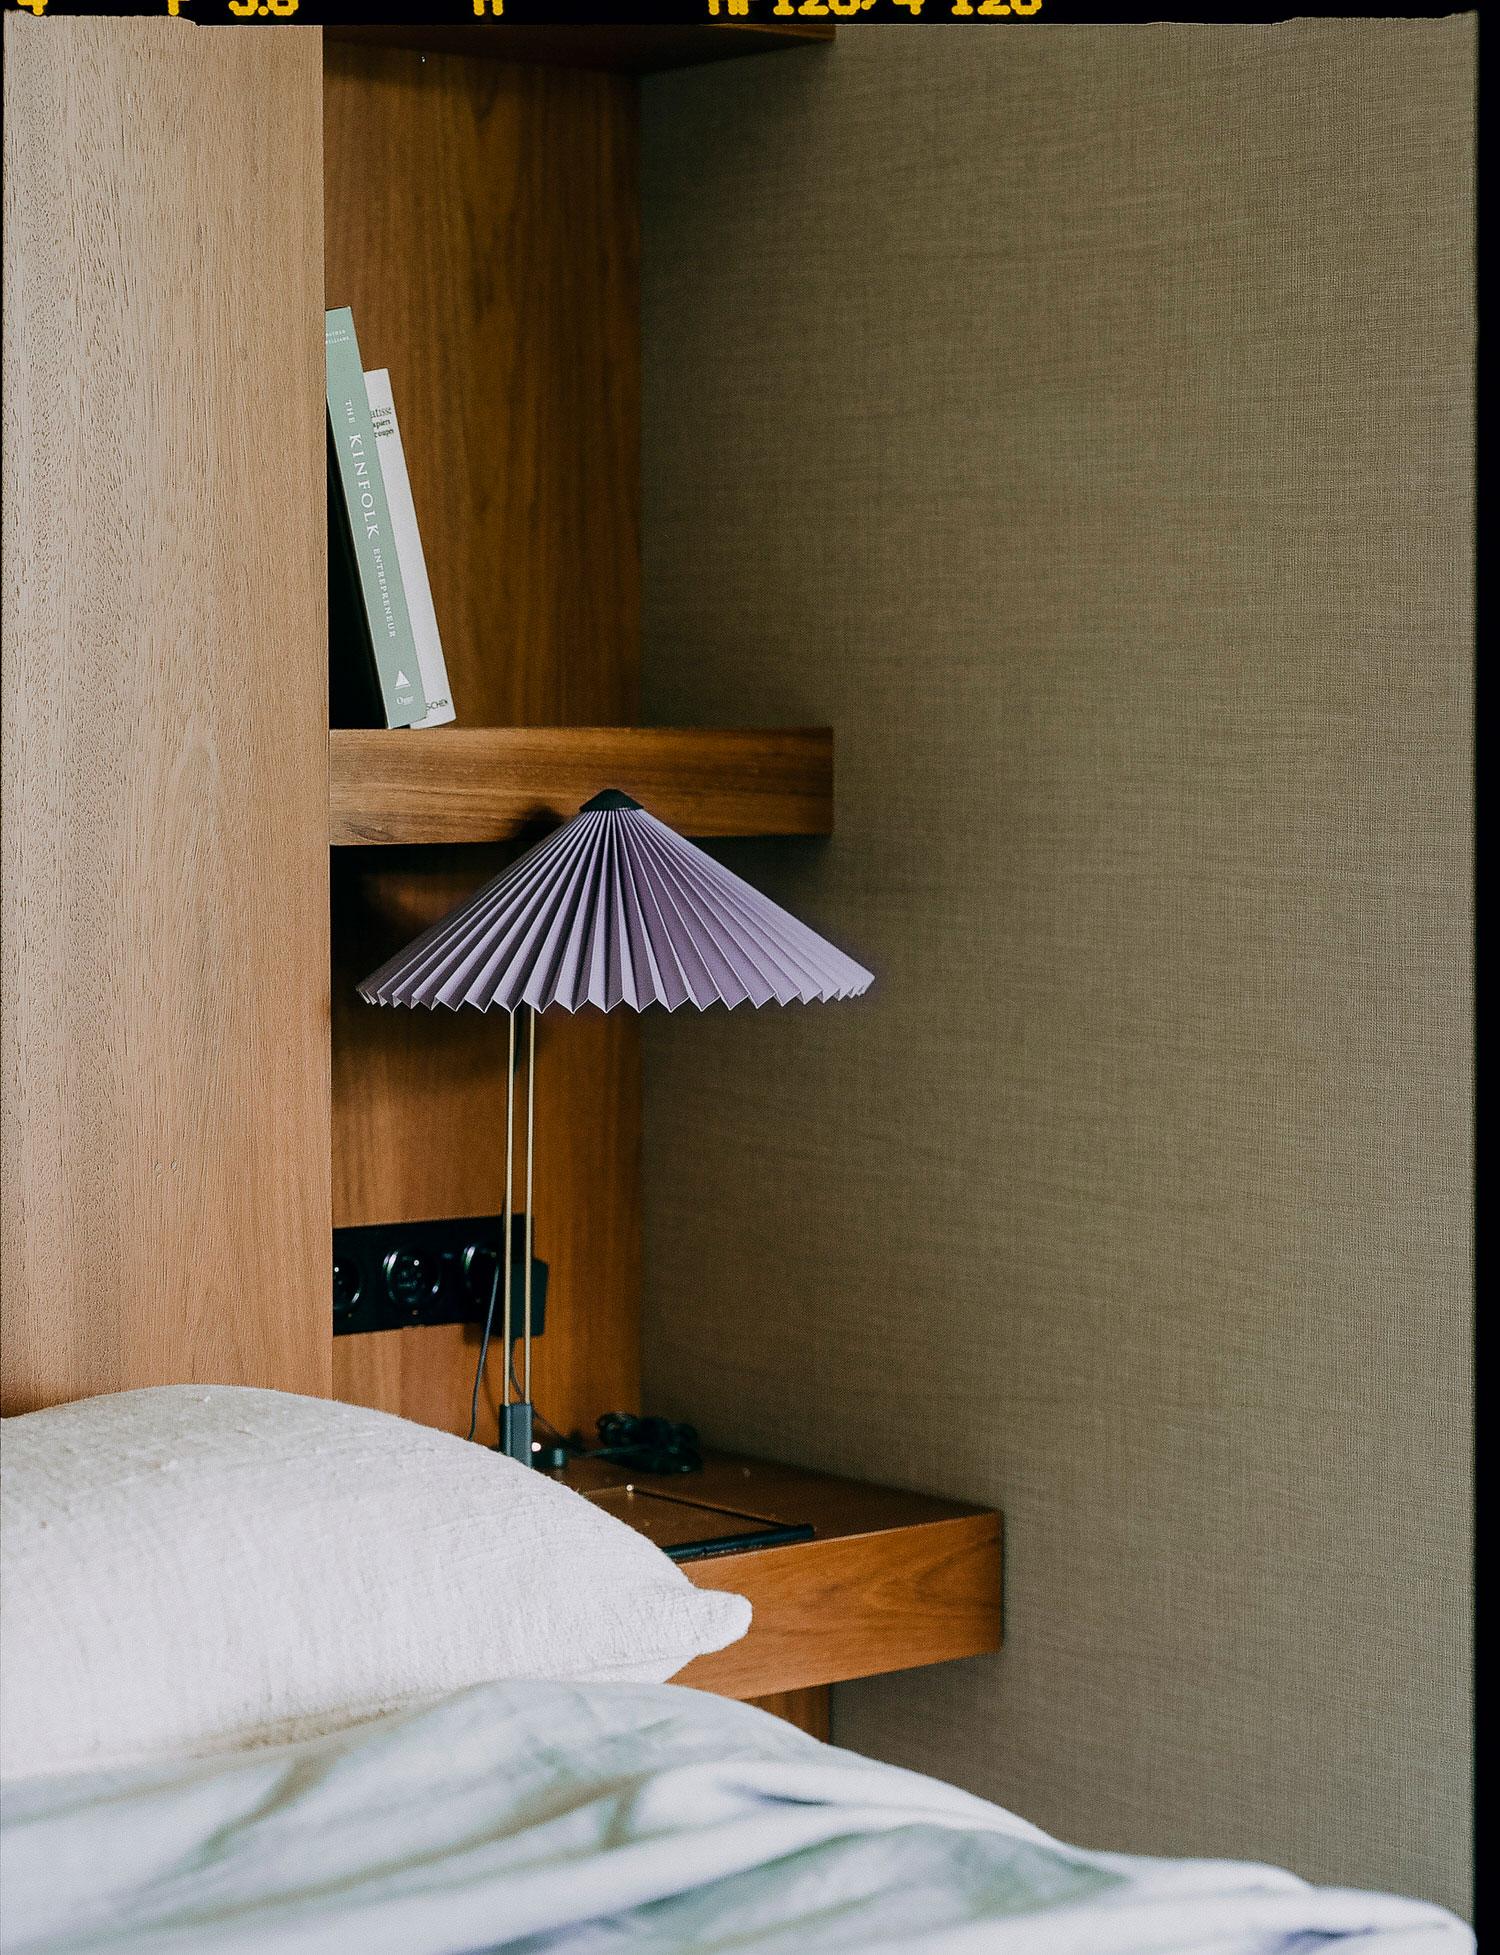 Paradowski Studio Fnl Apartment Warsaw Interiors Photo Pion Studio Yellowtrace 33